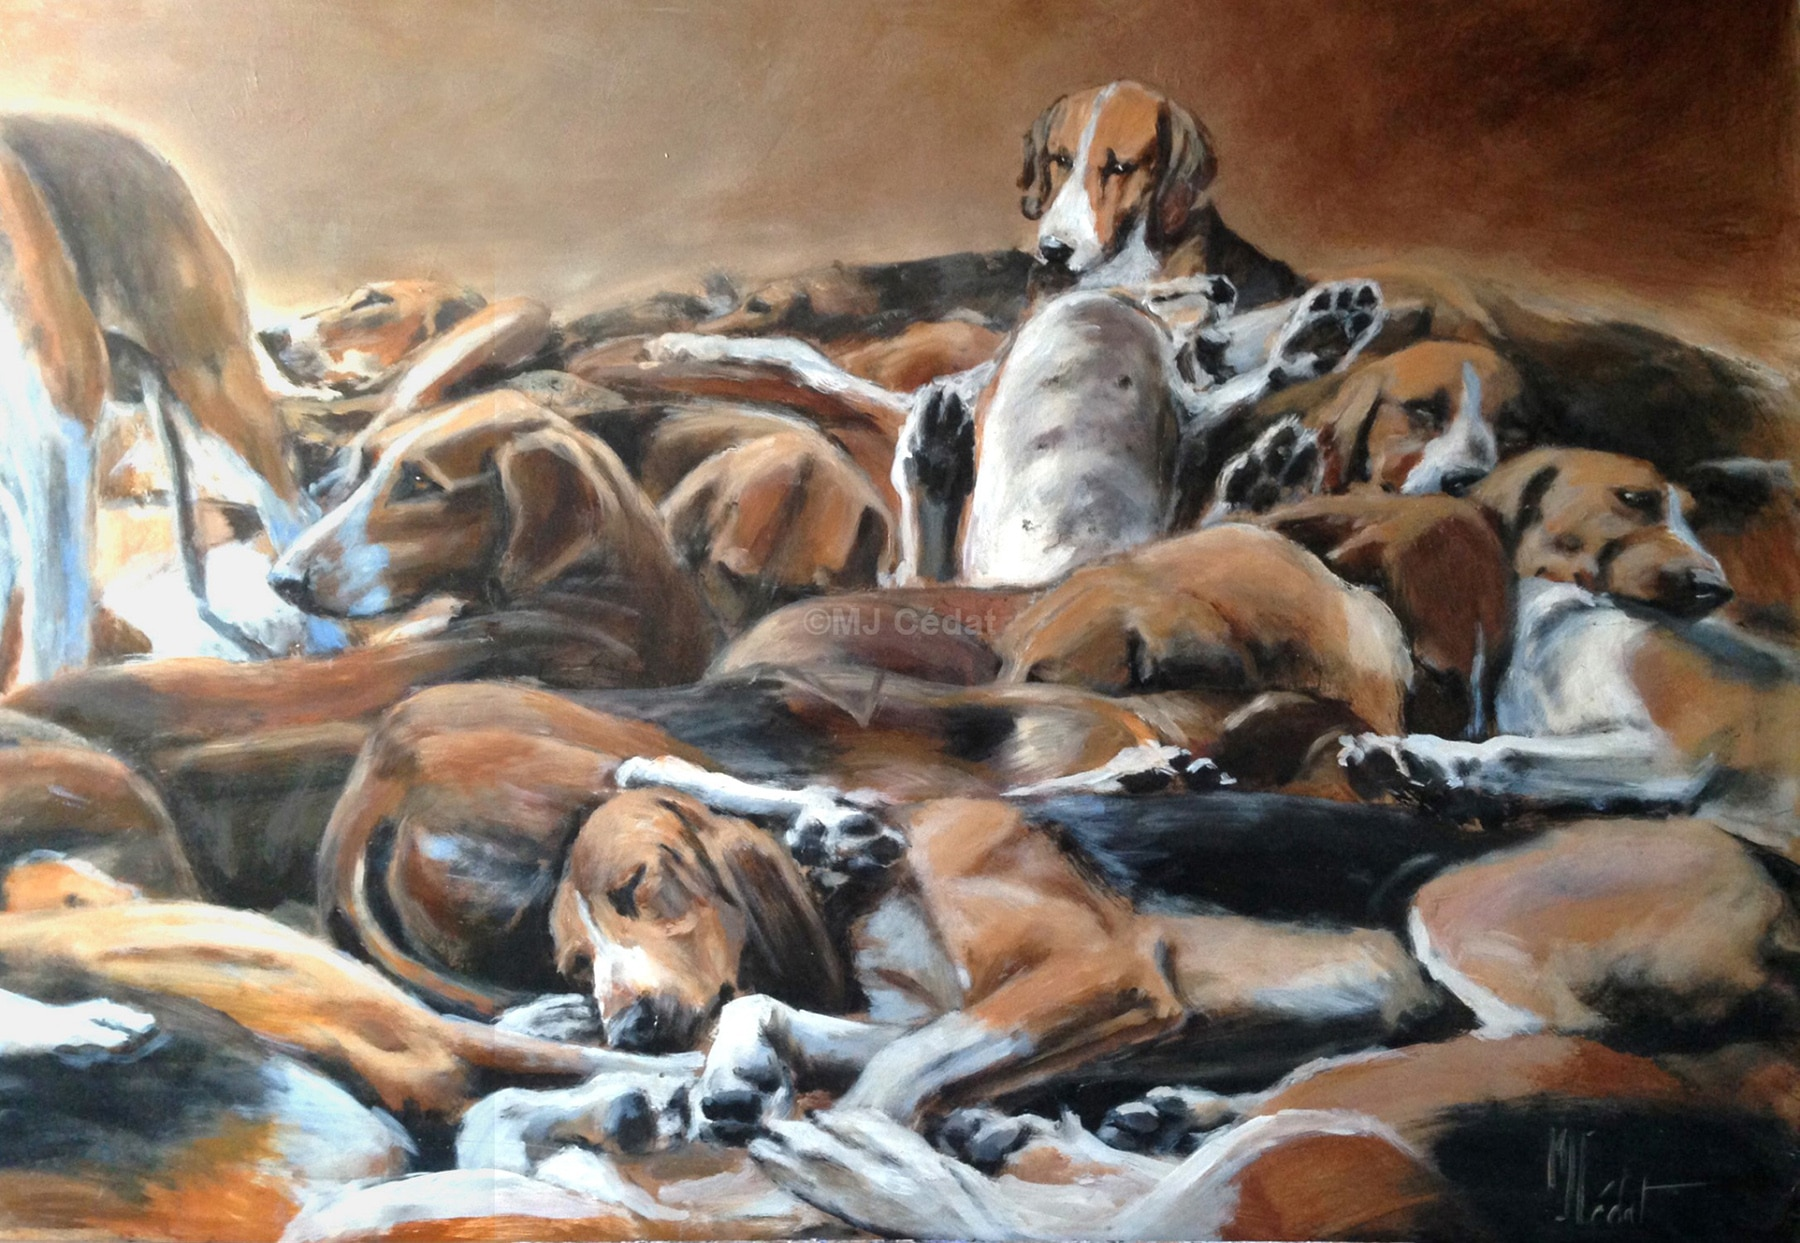 meute chiens -Marie-Joëlle Cédat-artiste animalier peinture animaliere-art-animalier- peintre-animalier